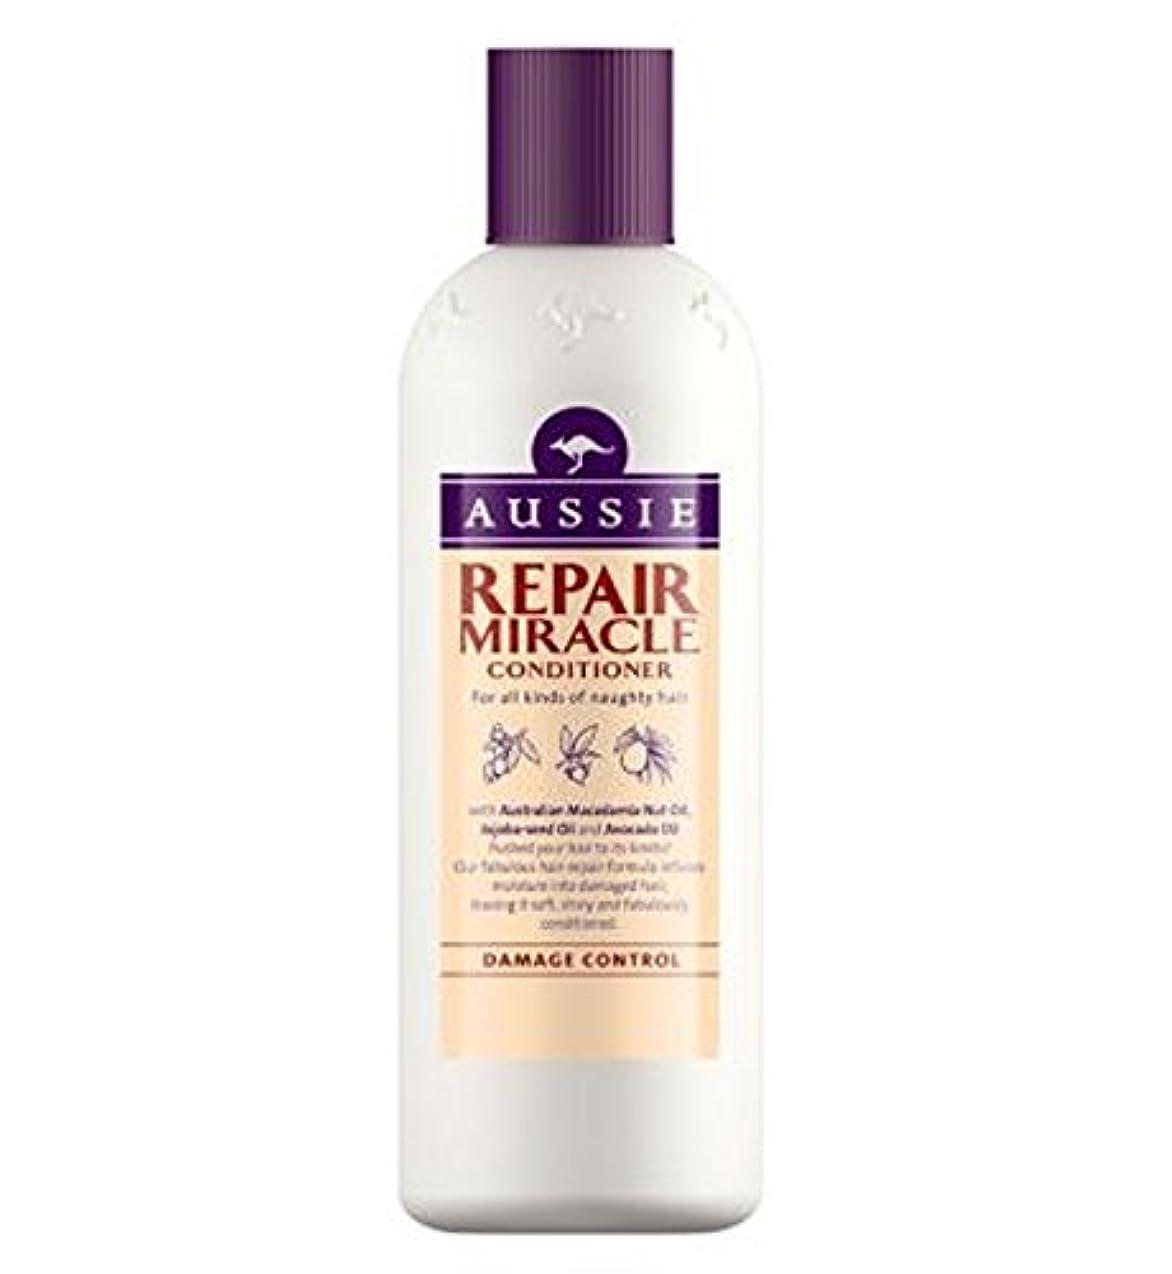 胆嚢なに浴Aussie Conditioner Repair Miracle for All Kinds of Naughty Hair 400ml - いたずらヘア400ミリリットルのすべての種類のオージーエアコンの修理の奇跡...